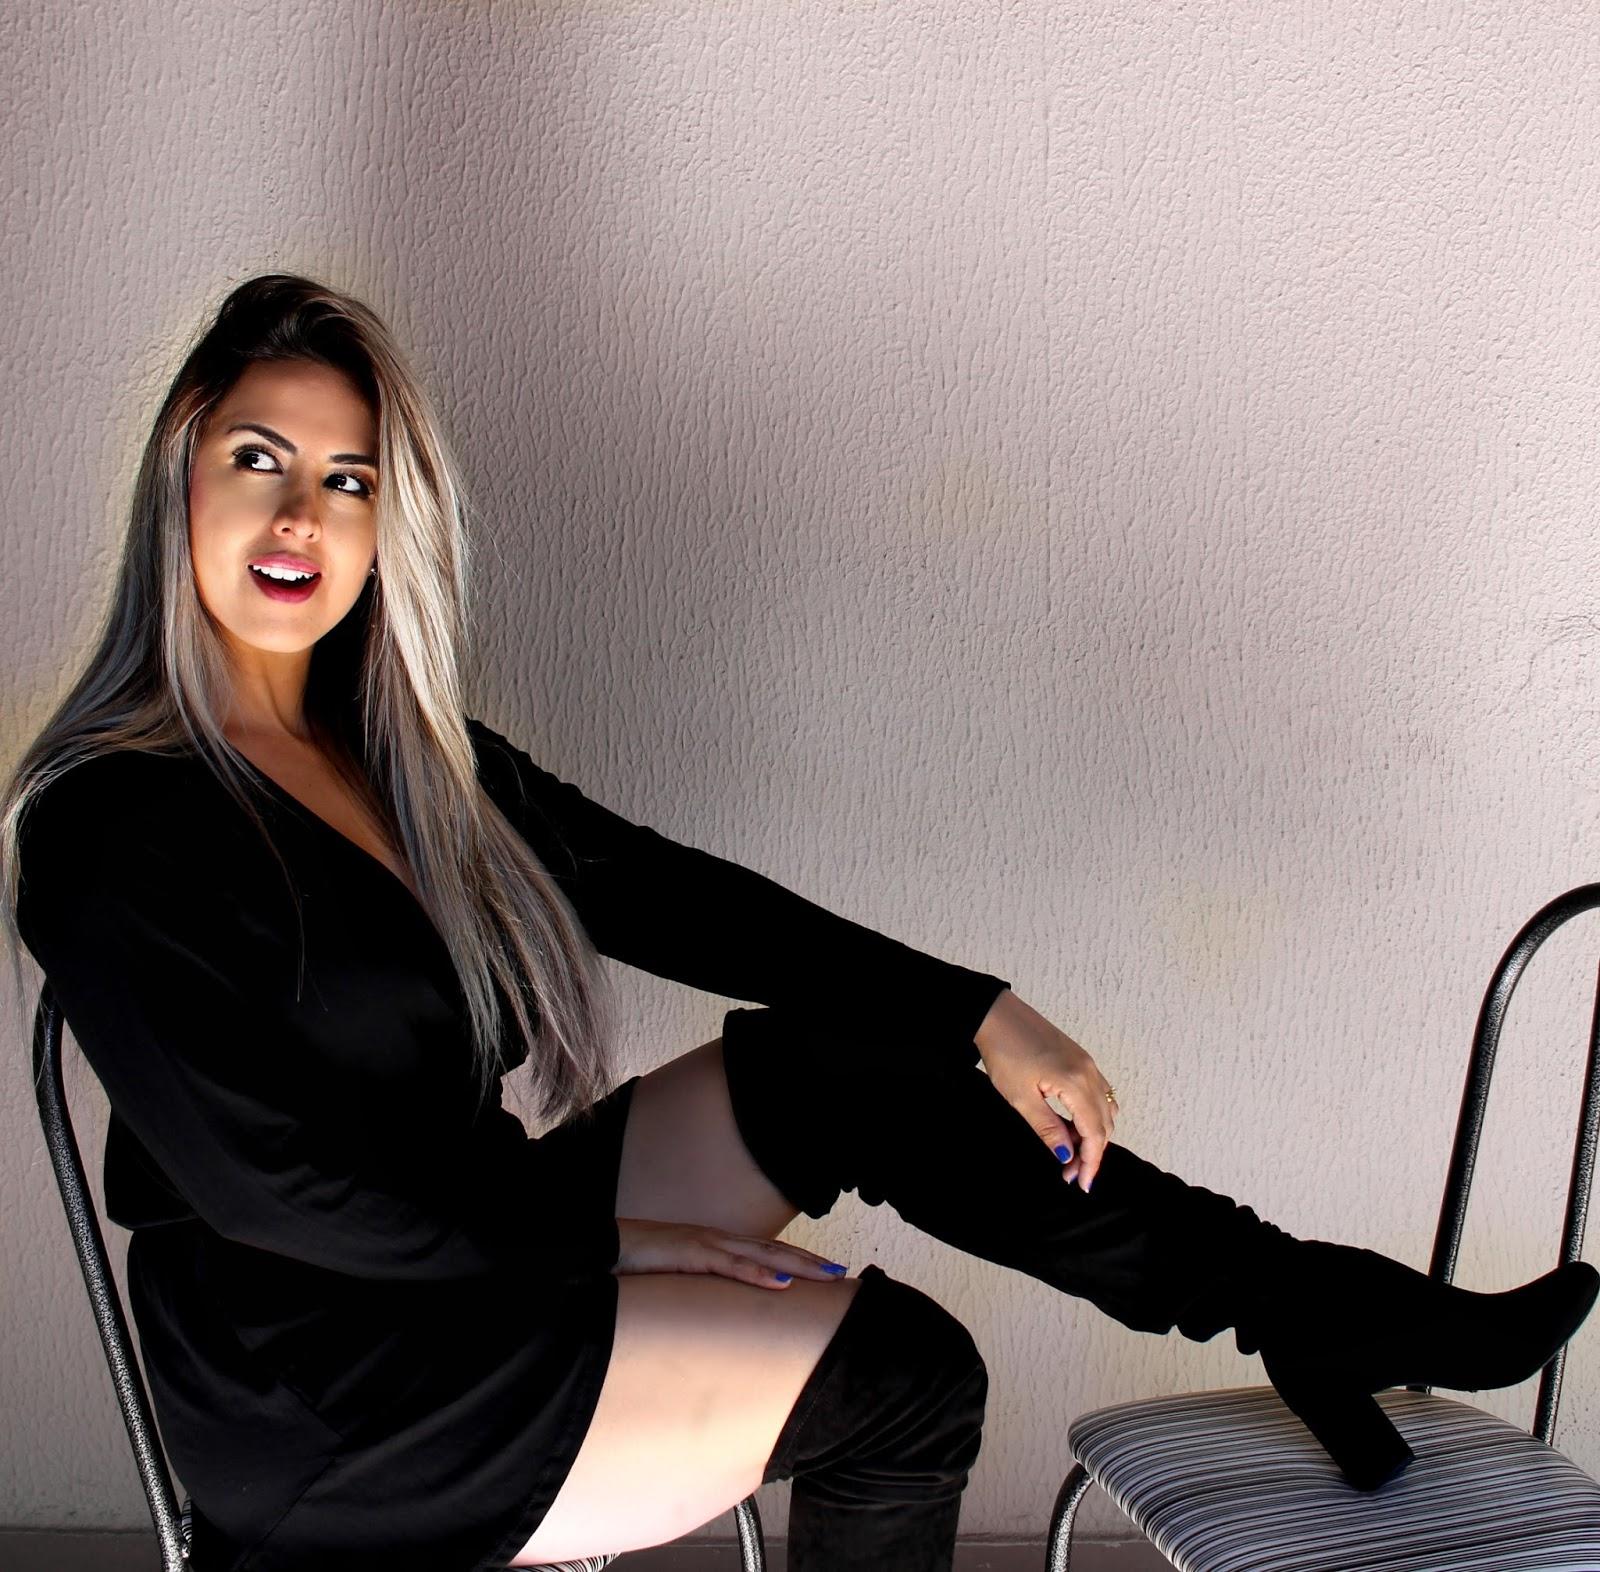 macaquinho preto manga longa bota over the knee bota schutz vivy rodrigues blog da vivy